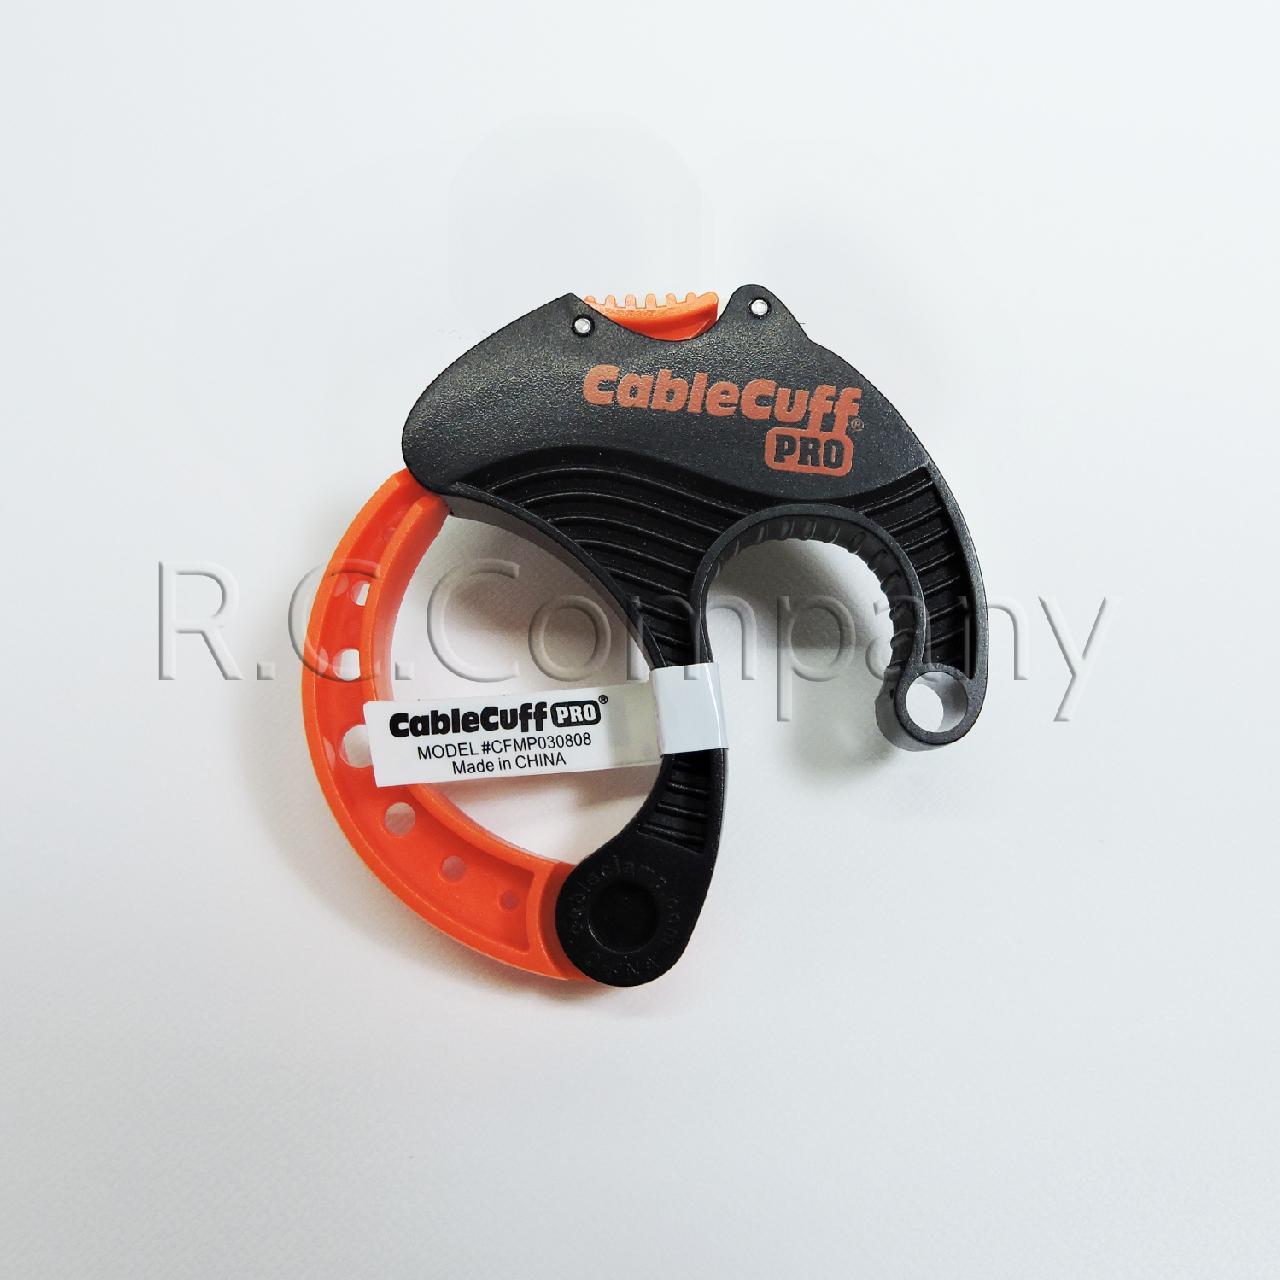 Cable Cuff(M)